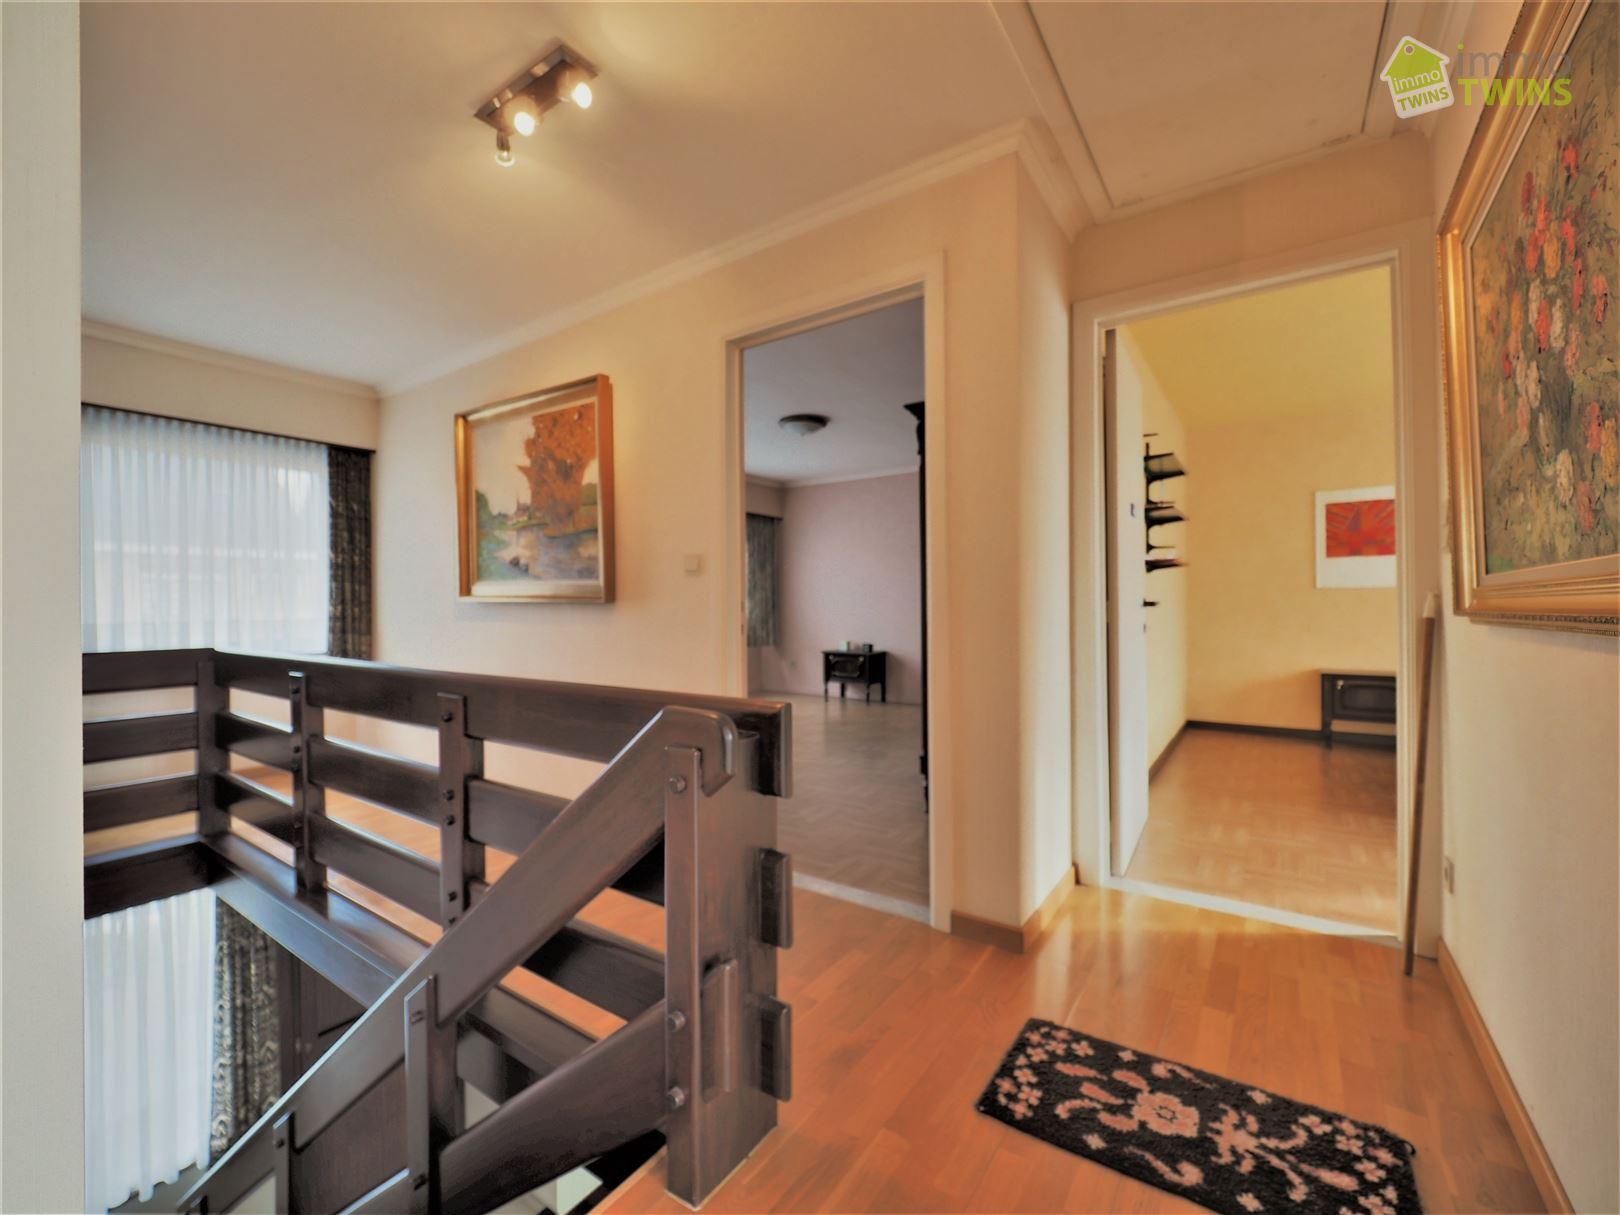 Foto 9 : Huis te 9240 ZELE (België) - Prijs € 345.000